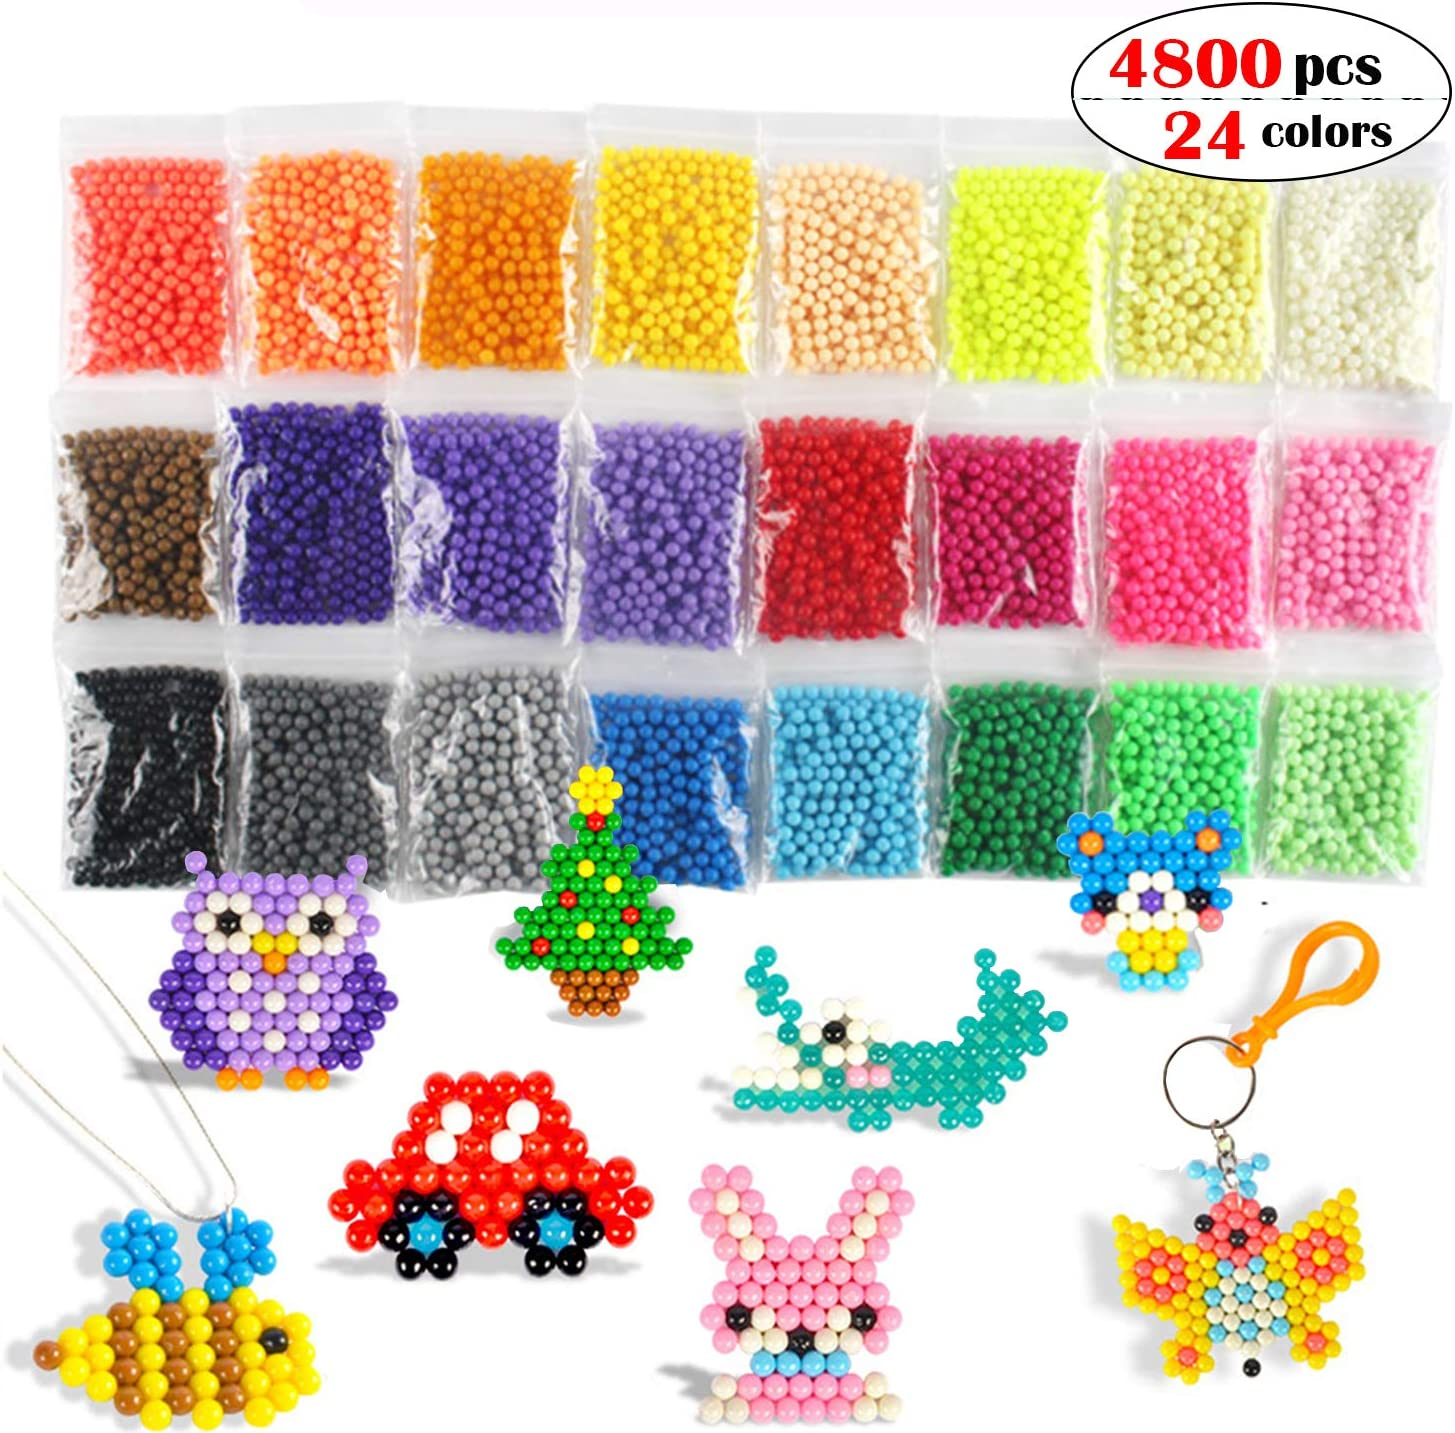 Aqua Fuse Beads - Juego de recambios para acuarios y abalorios de agua, no tóxico, seguro para manualidades, juguetes para niños, hecho a mano, STEM Kit educativo: Amazon.es: Juguetes y juegos